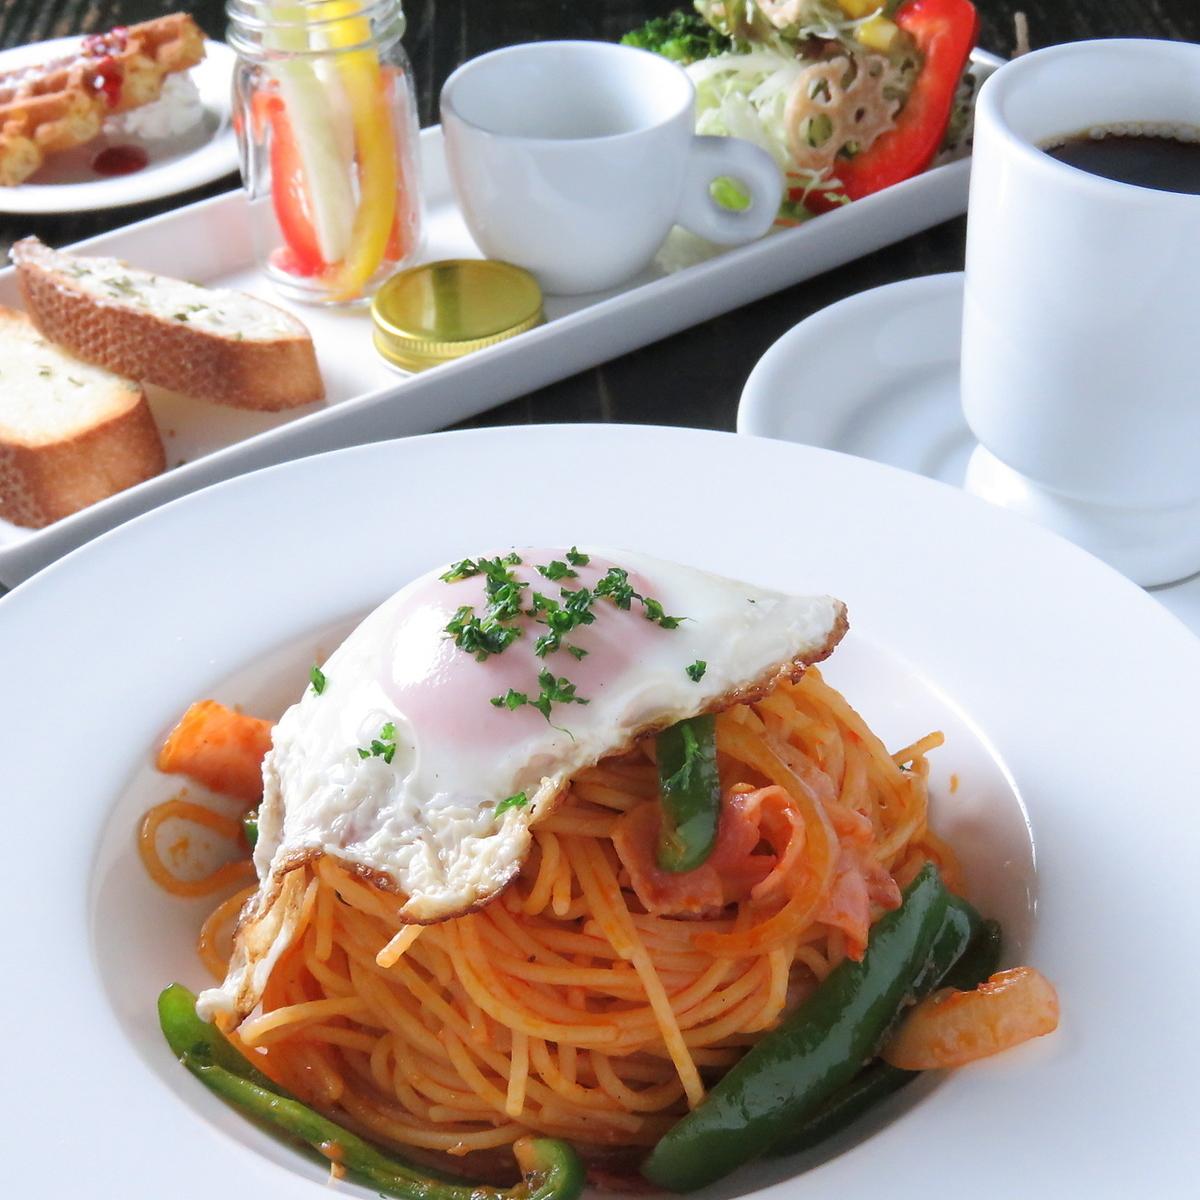 Daily spaghetti